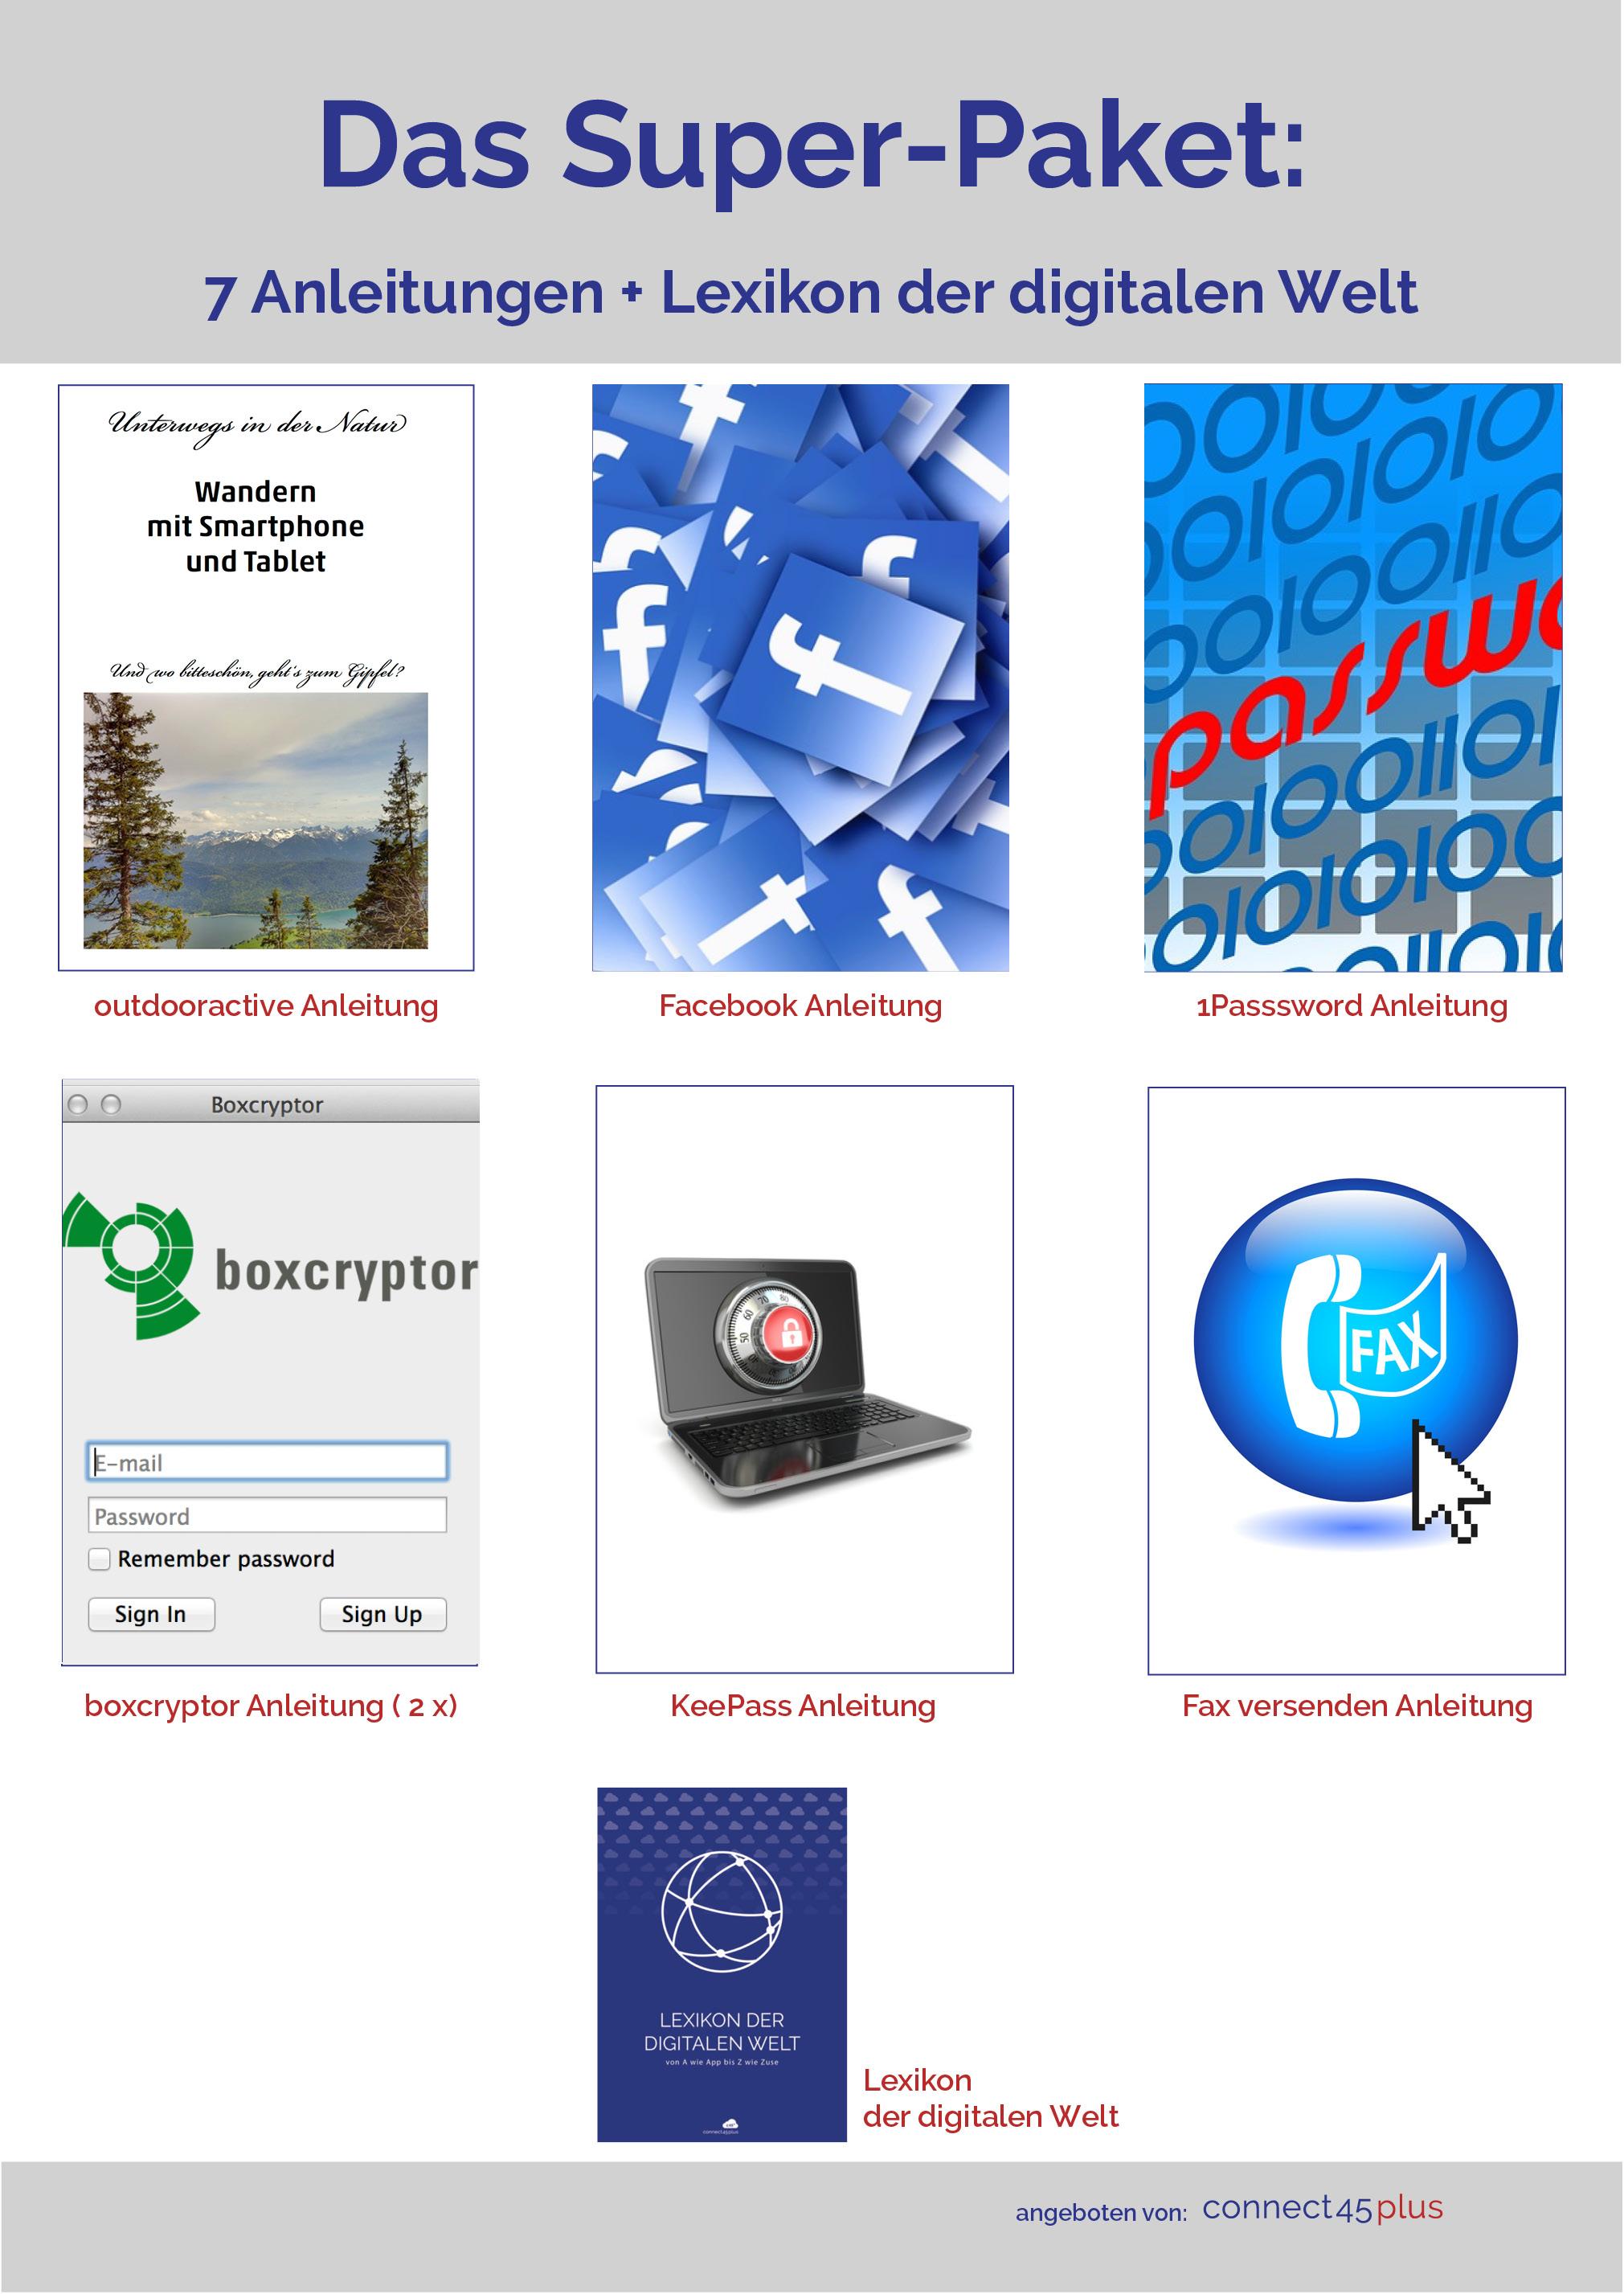 7 Anleitungen + Lexikon der digitalen Welt